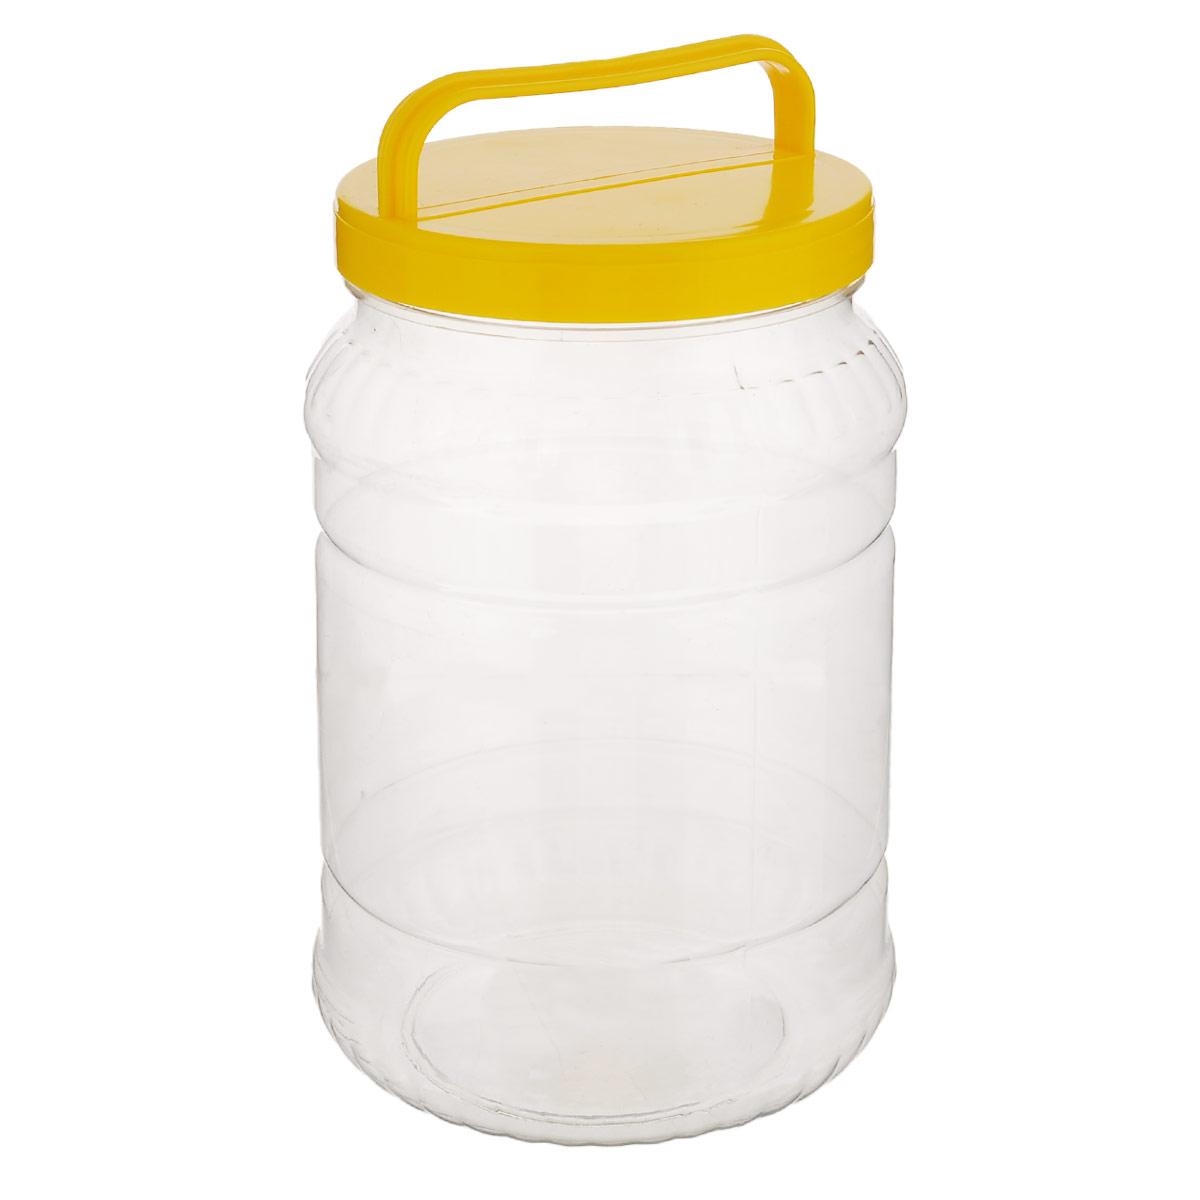 Бидон Альтернатива, цвет: прозрачный, желтый, 2 лМ461_желтыйБидон Альтернатива предназначен для хранения и переноски пищевых продуктов, таких как молоко, вода и прочее. Выполнен из пищевого высококачественного пластика. Оснащен ручкой для удобной переноски. Бидон Альтернатива станет незаменимым аксессуаром на вашей кухне. Высота бидона (без учета крышки): 20,5 см. Диаметр: 10,5 см.